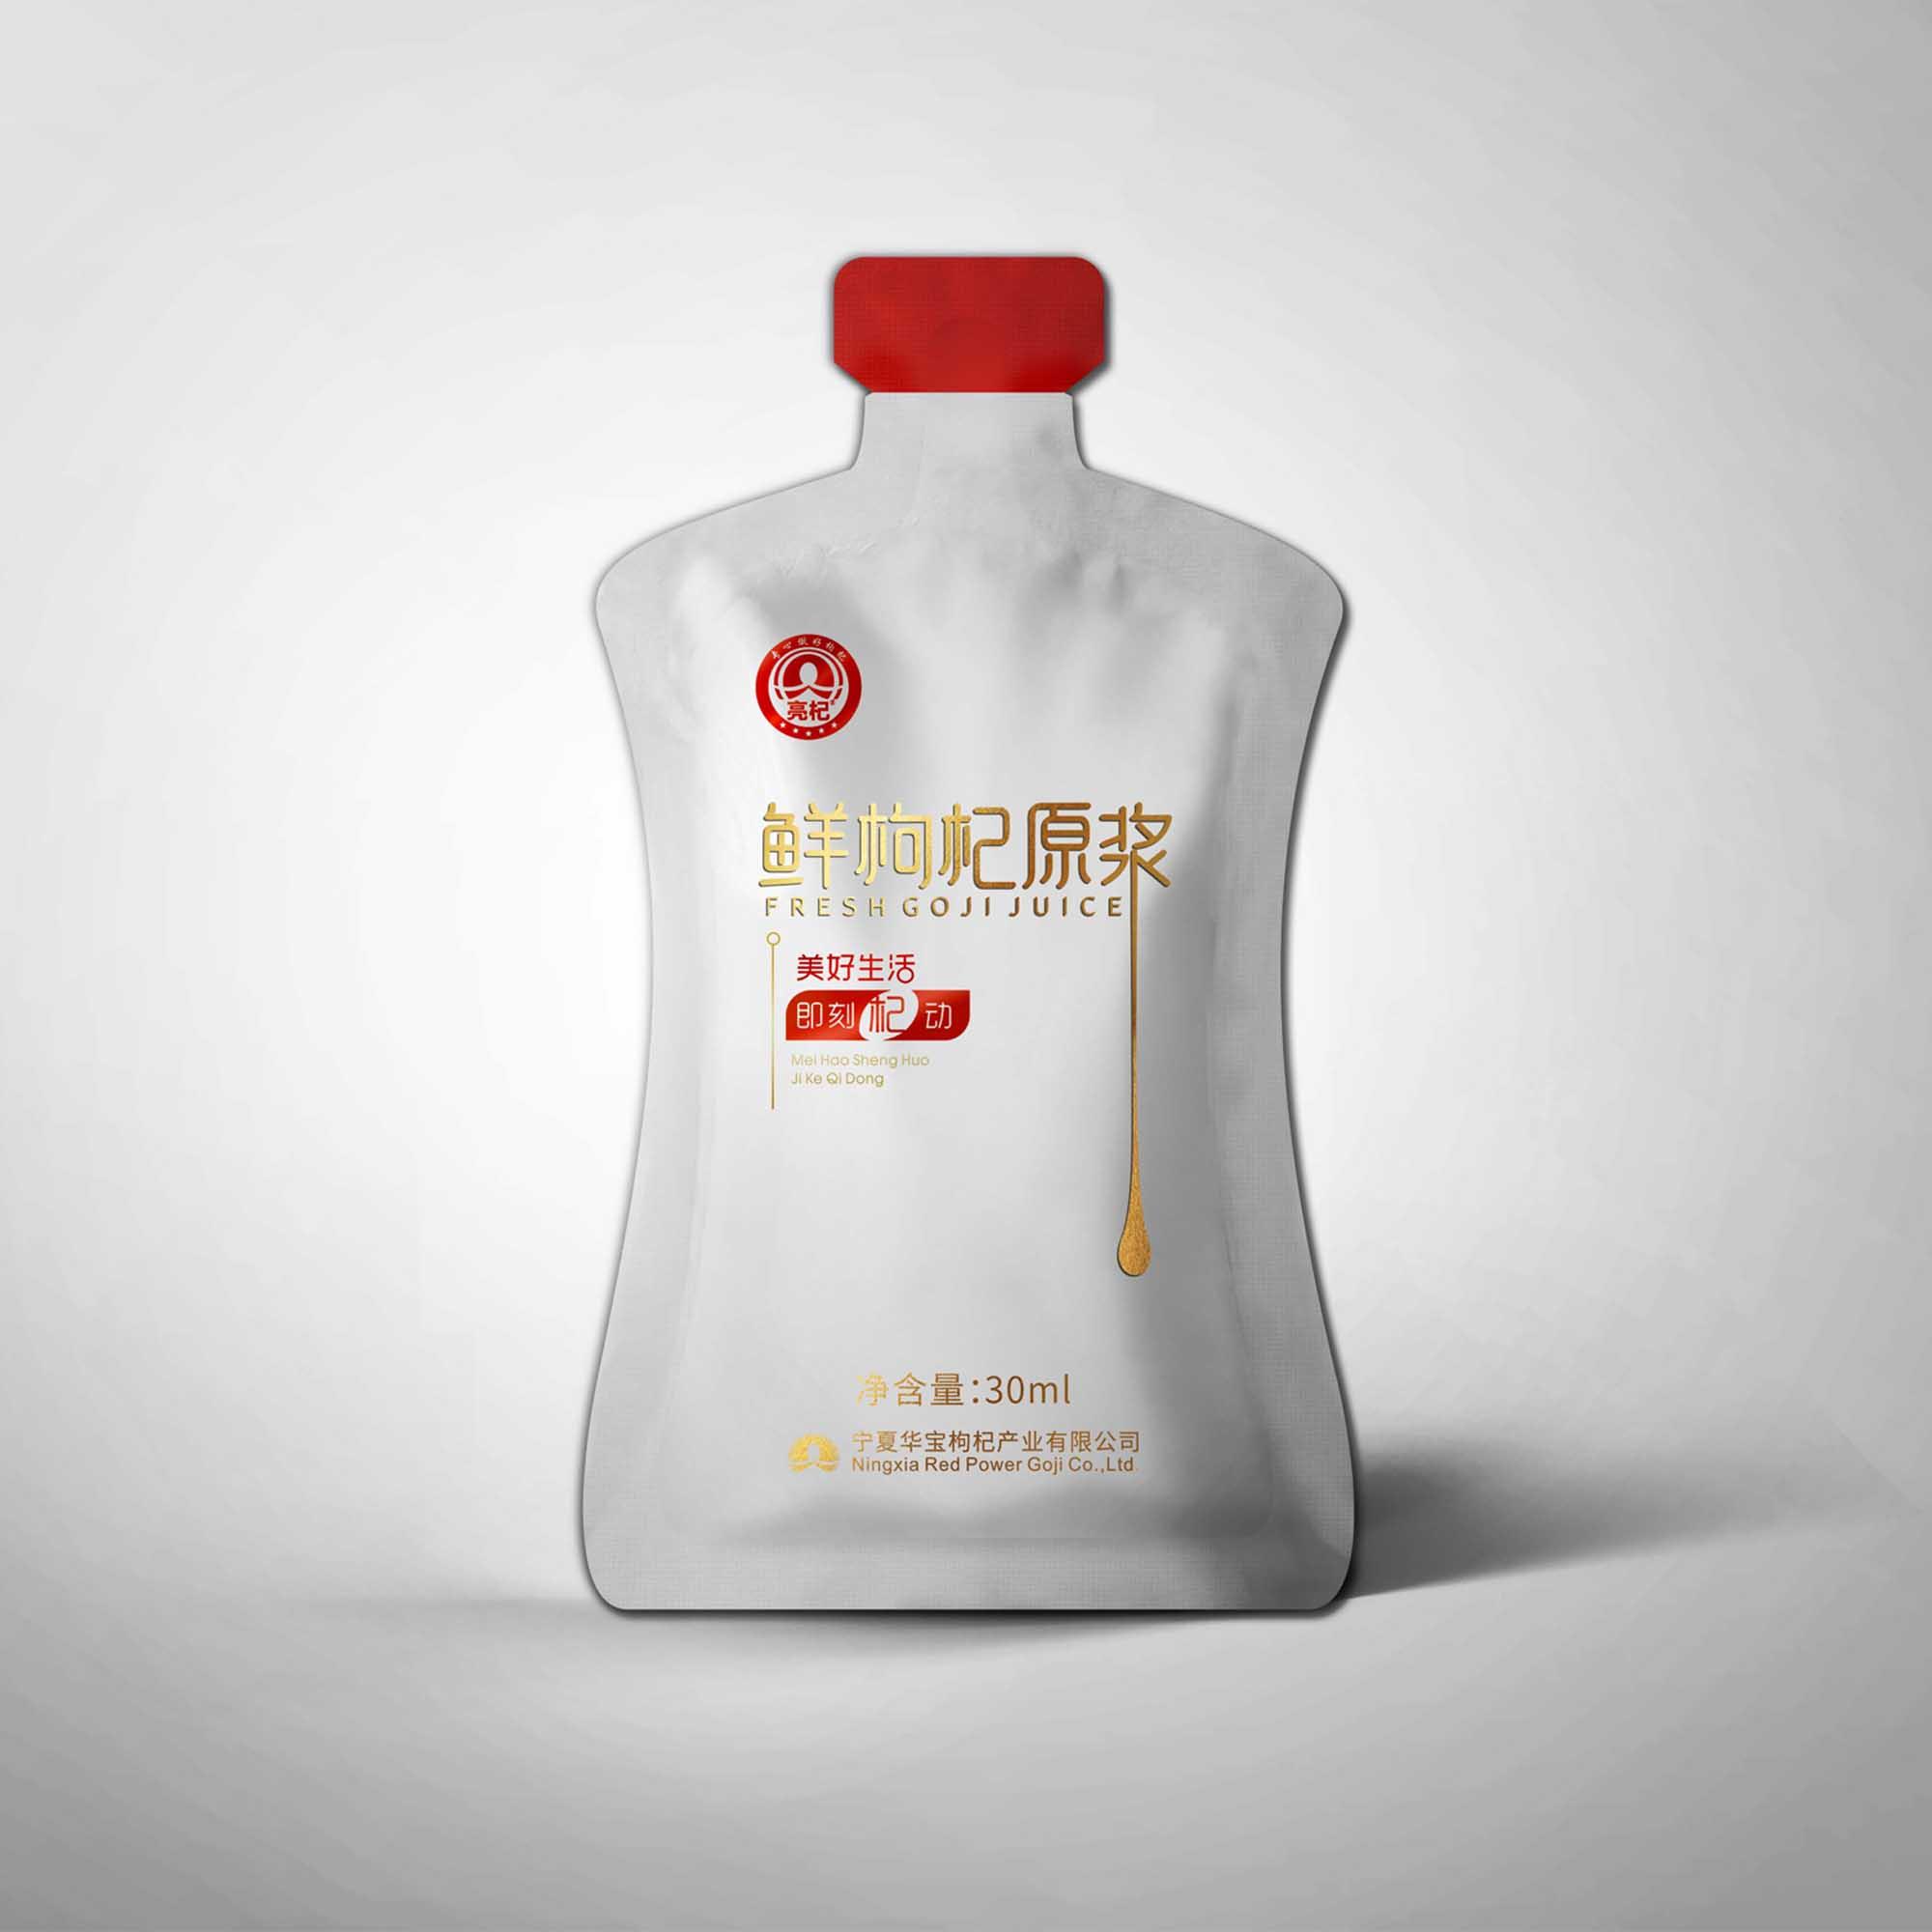 中宁枸杞原浆包装设计